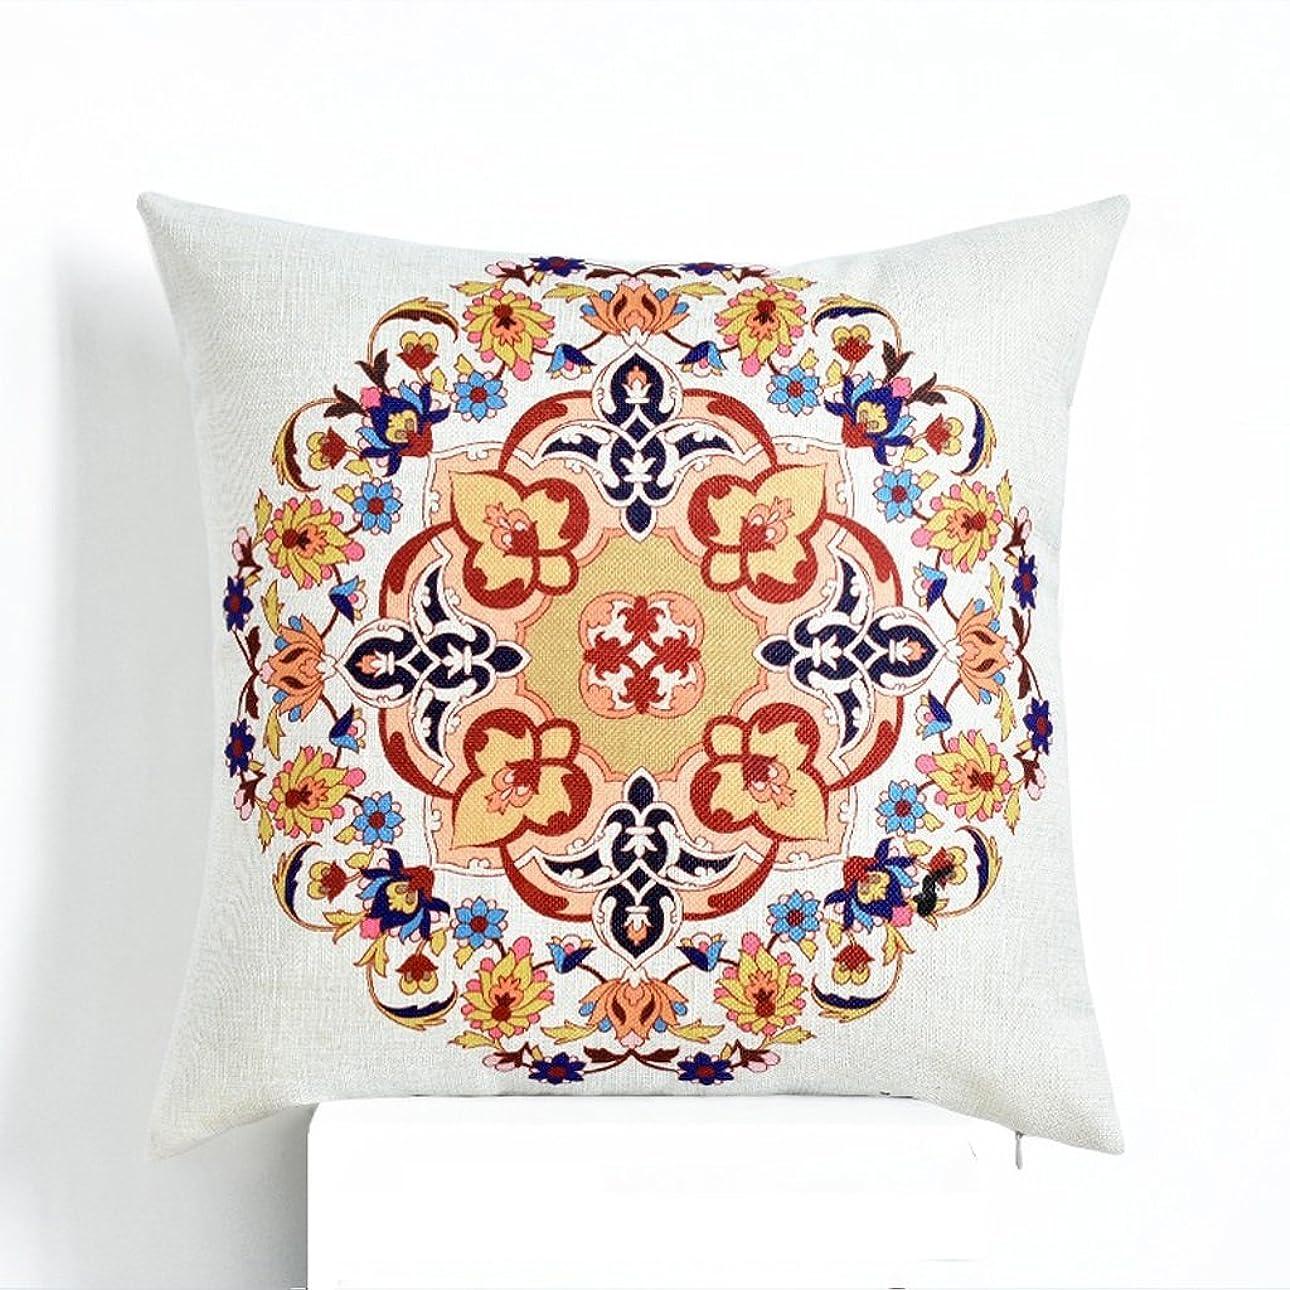 スクラップブックずるいマーケティングコットンとリネンの装飾枕、スクエアデコラティブトライアングルスロー枕カバーソファクッション18 X 18インチ (色 : 赤)